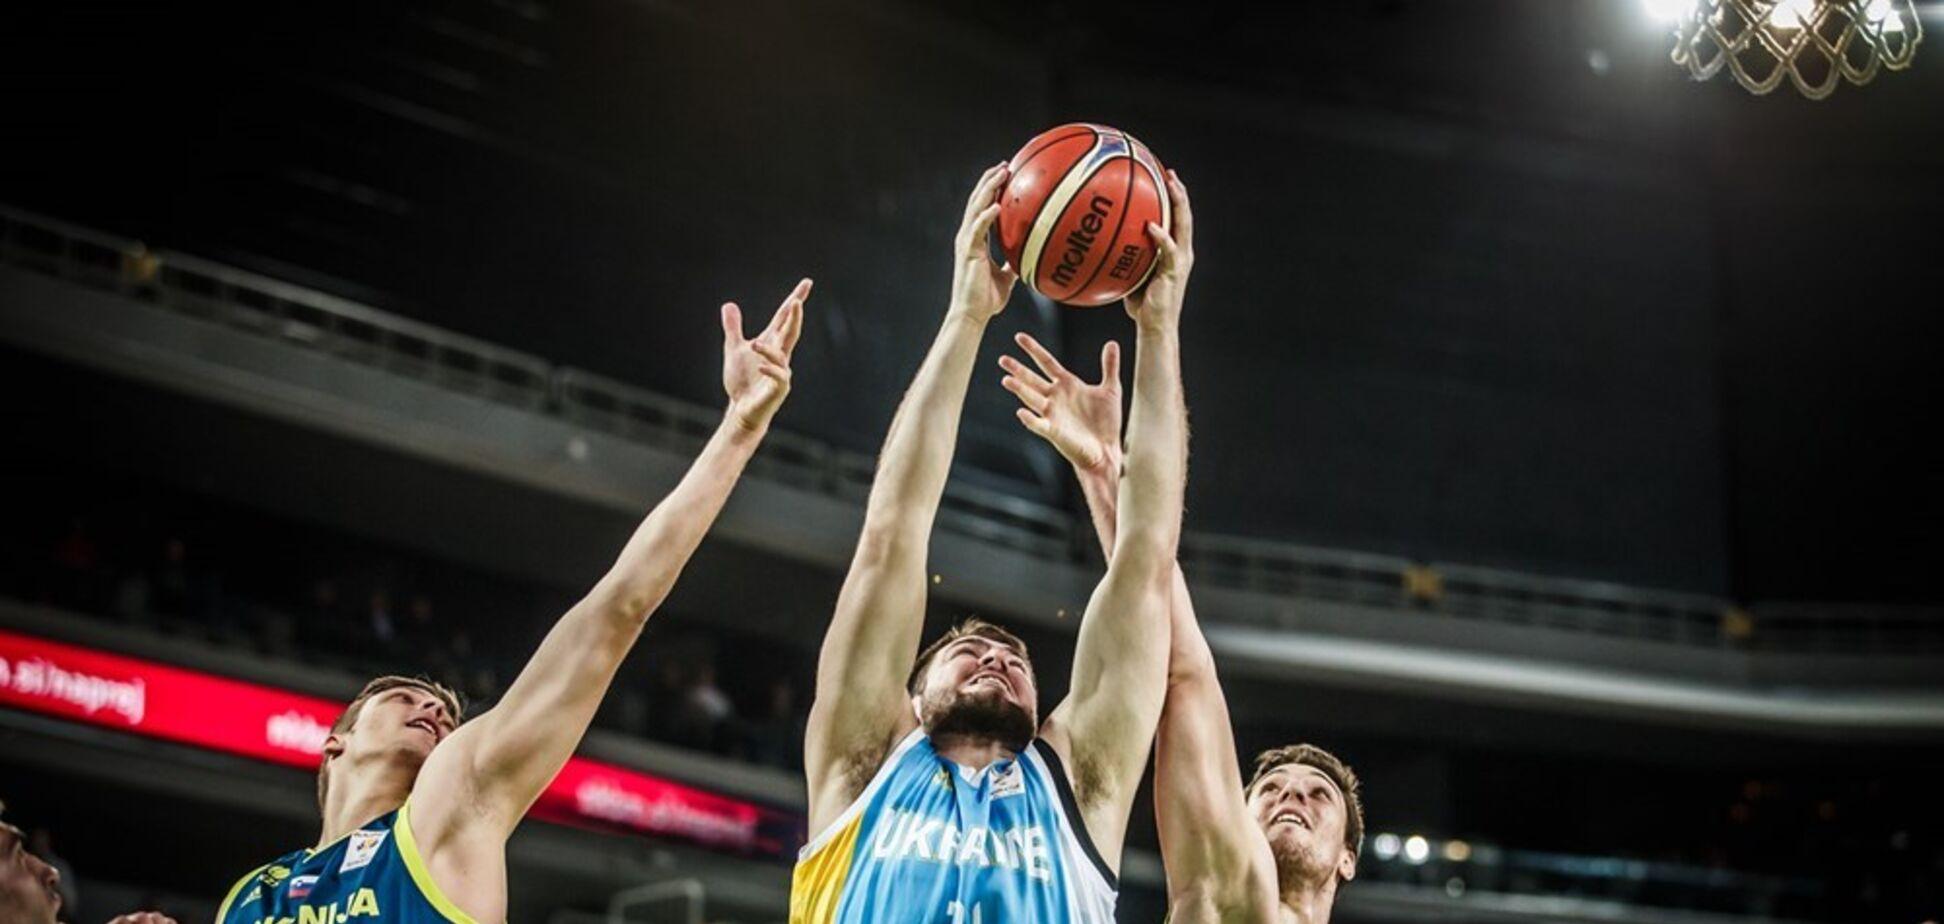 Україна драматично втратила перемогу у кваліфікації Кубка світу з баскетболу